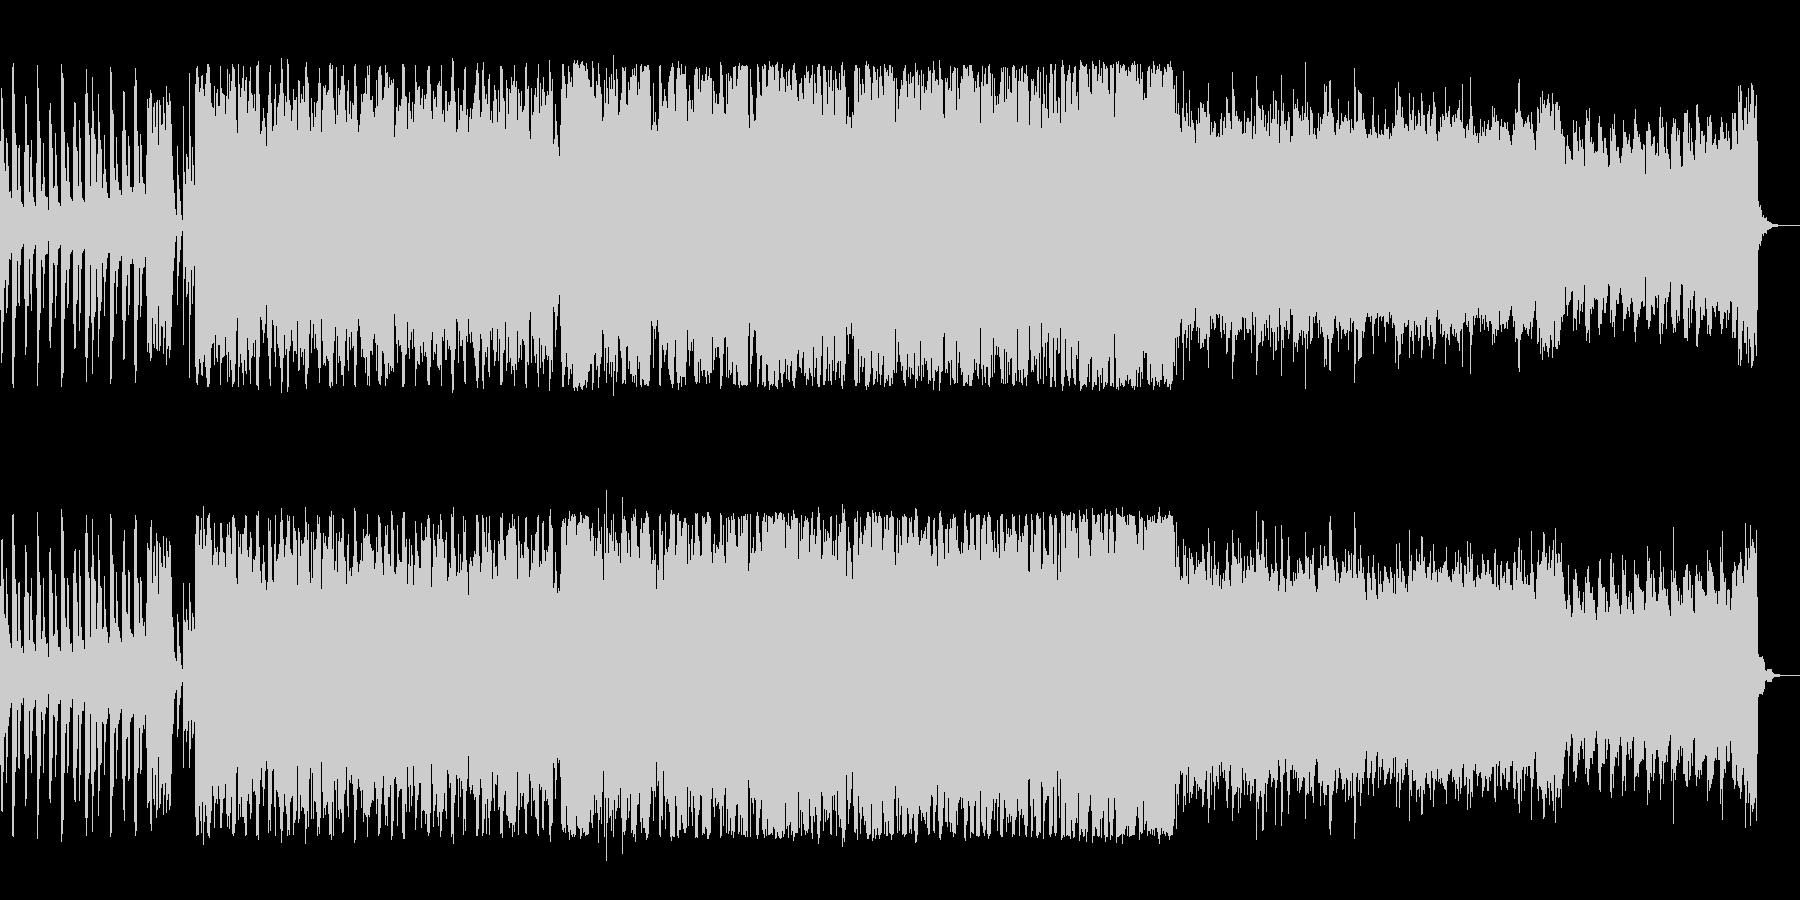 電子音が特徴的な軽快で楽しいポップスの未再生の波形